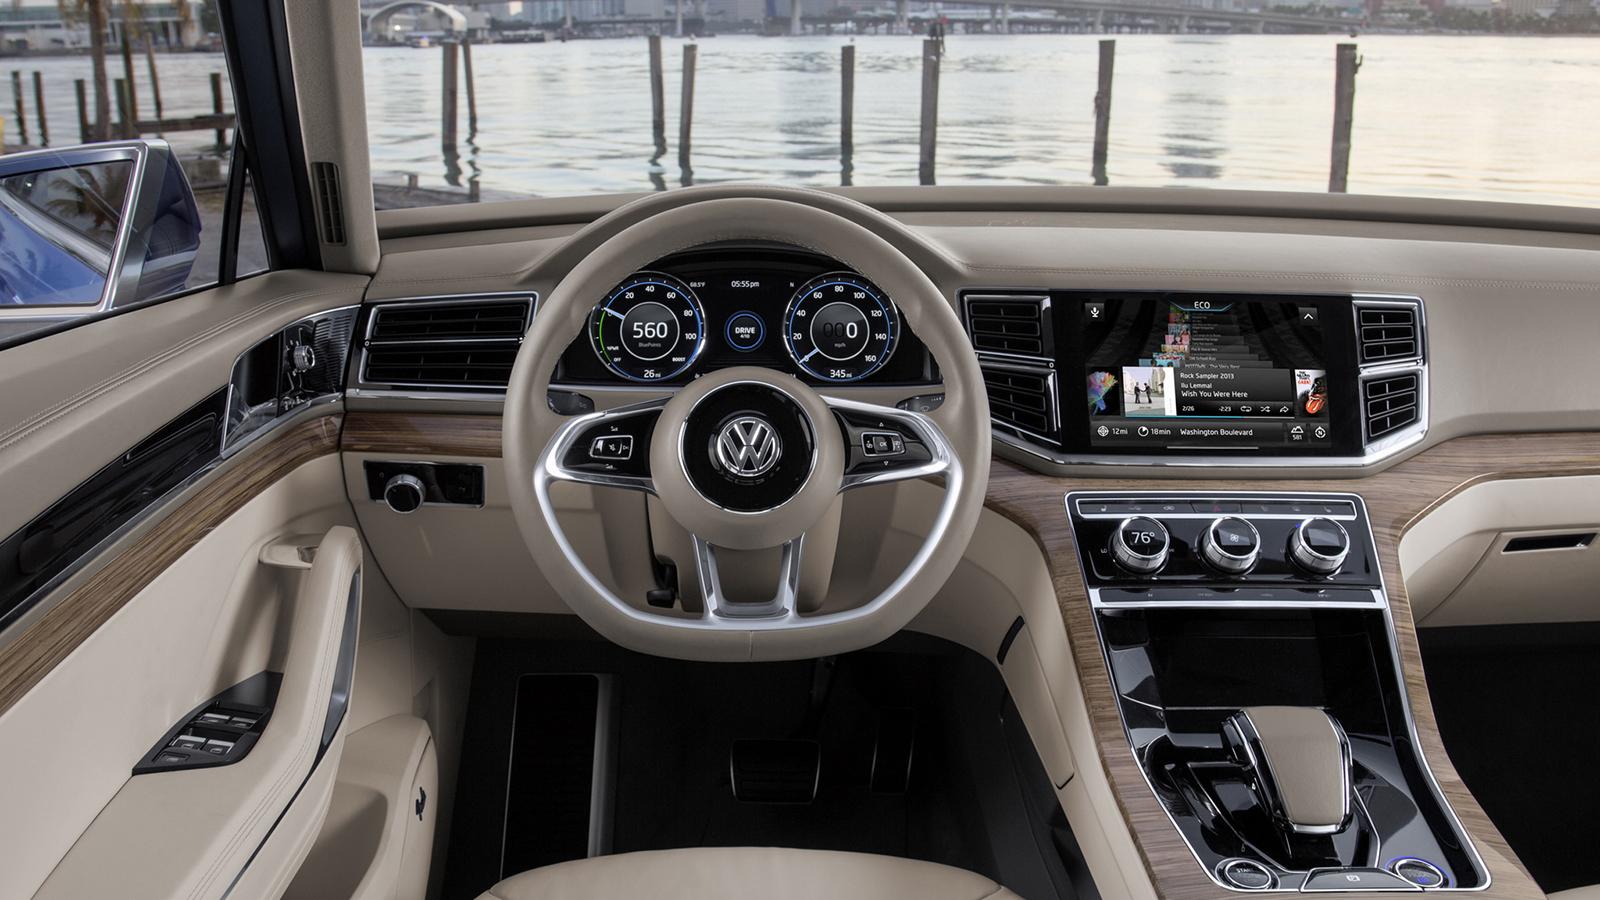 Имя нового кроссовера Volkswagen раскрыто Колеса ру